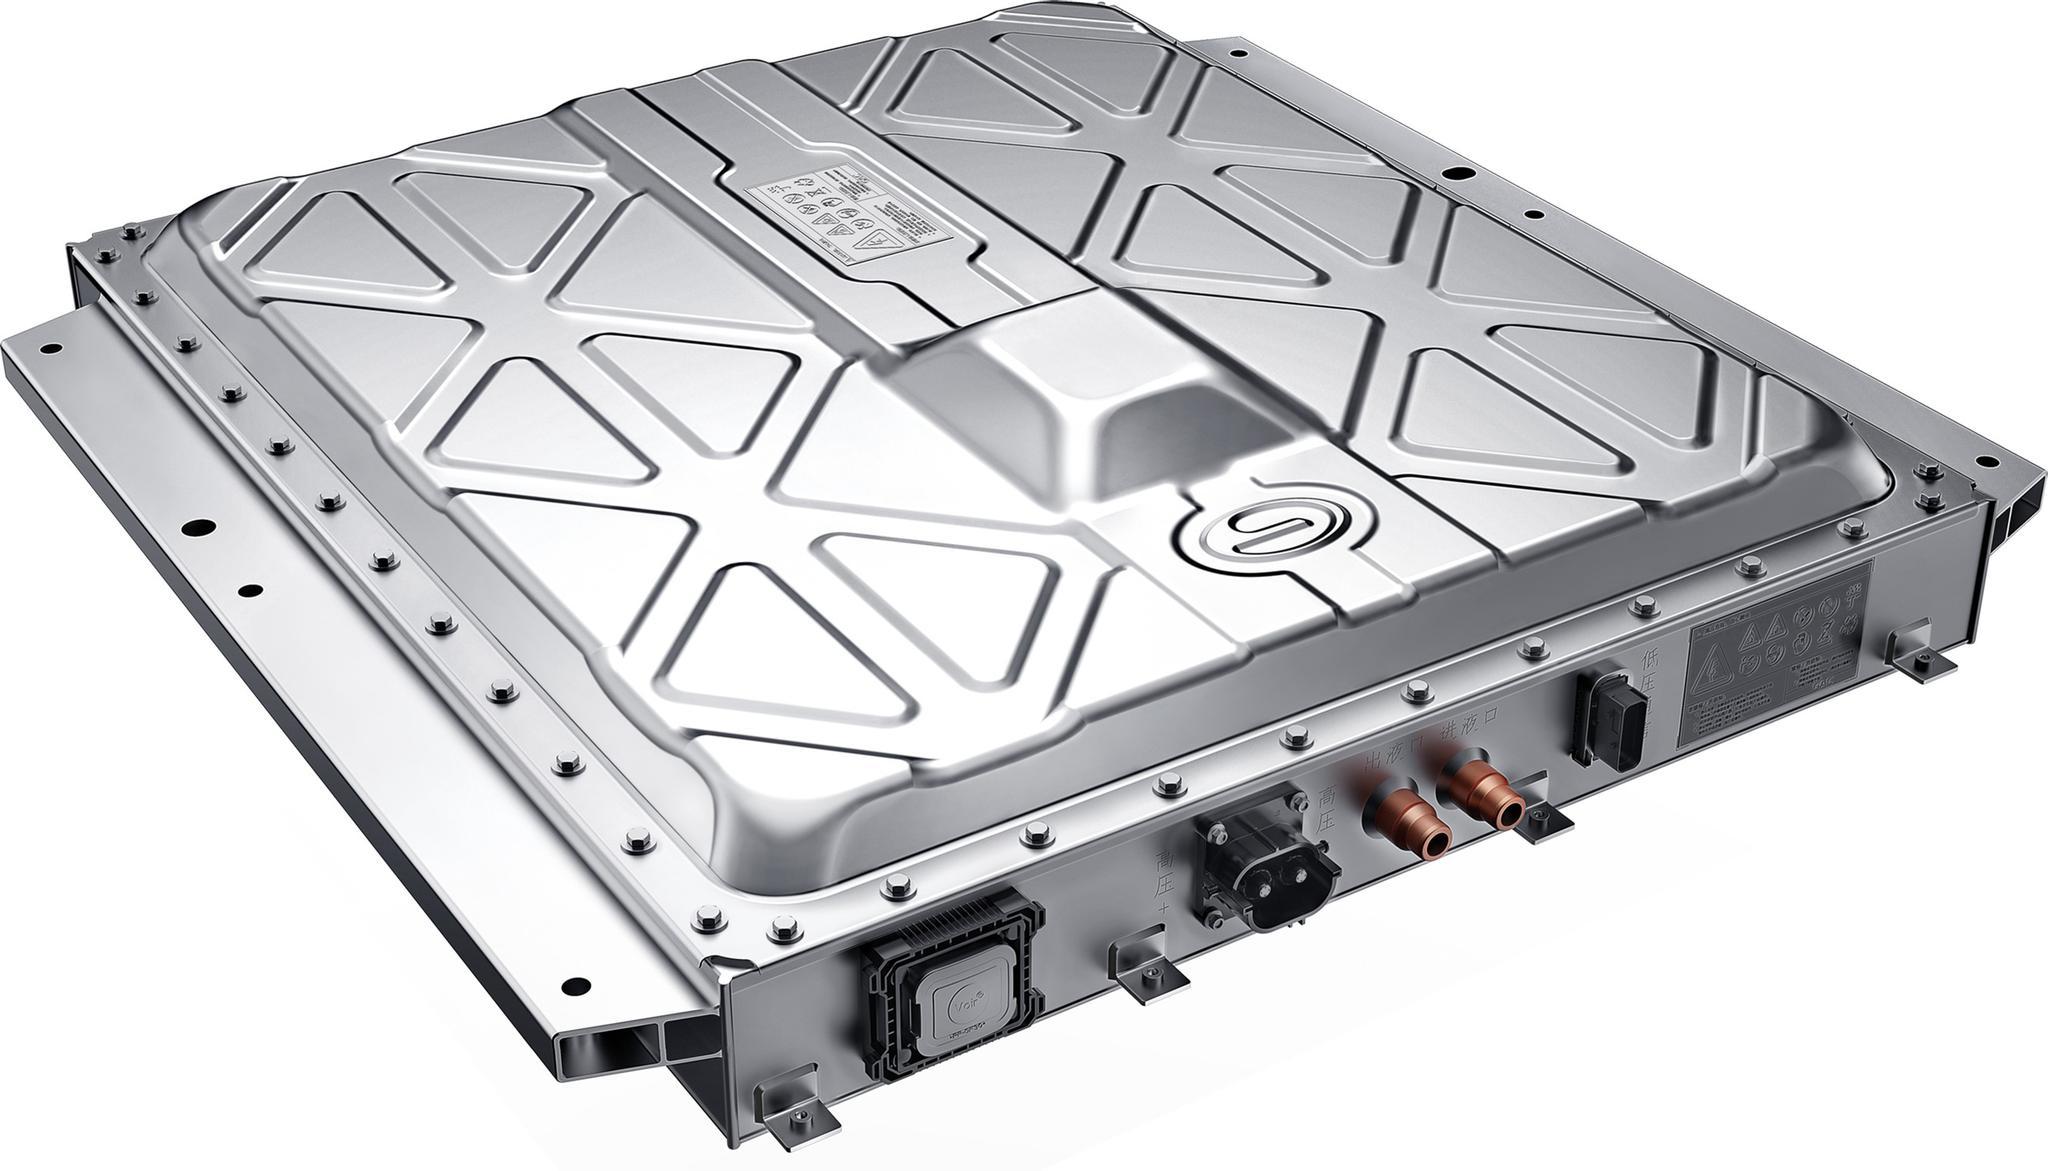 IP67防护级别电池